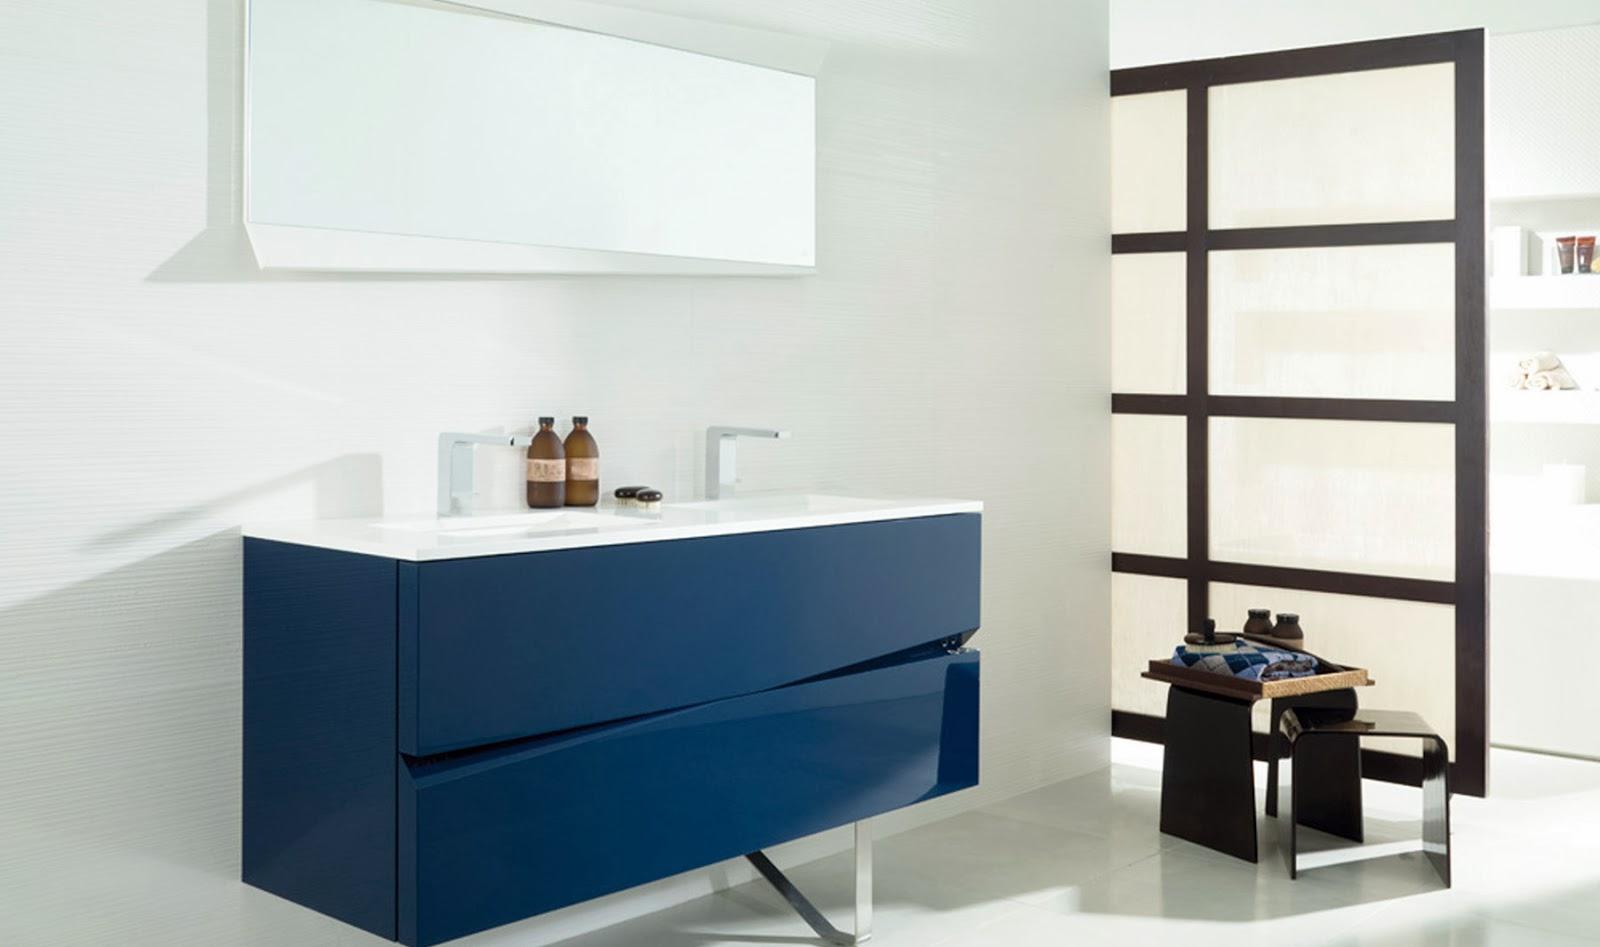 Mueble Baño Azul Turquesa:Decoracion Actual de moda: Baños en distintos tonos de Azul